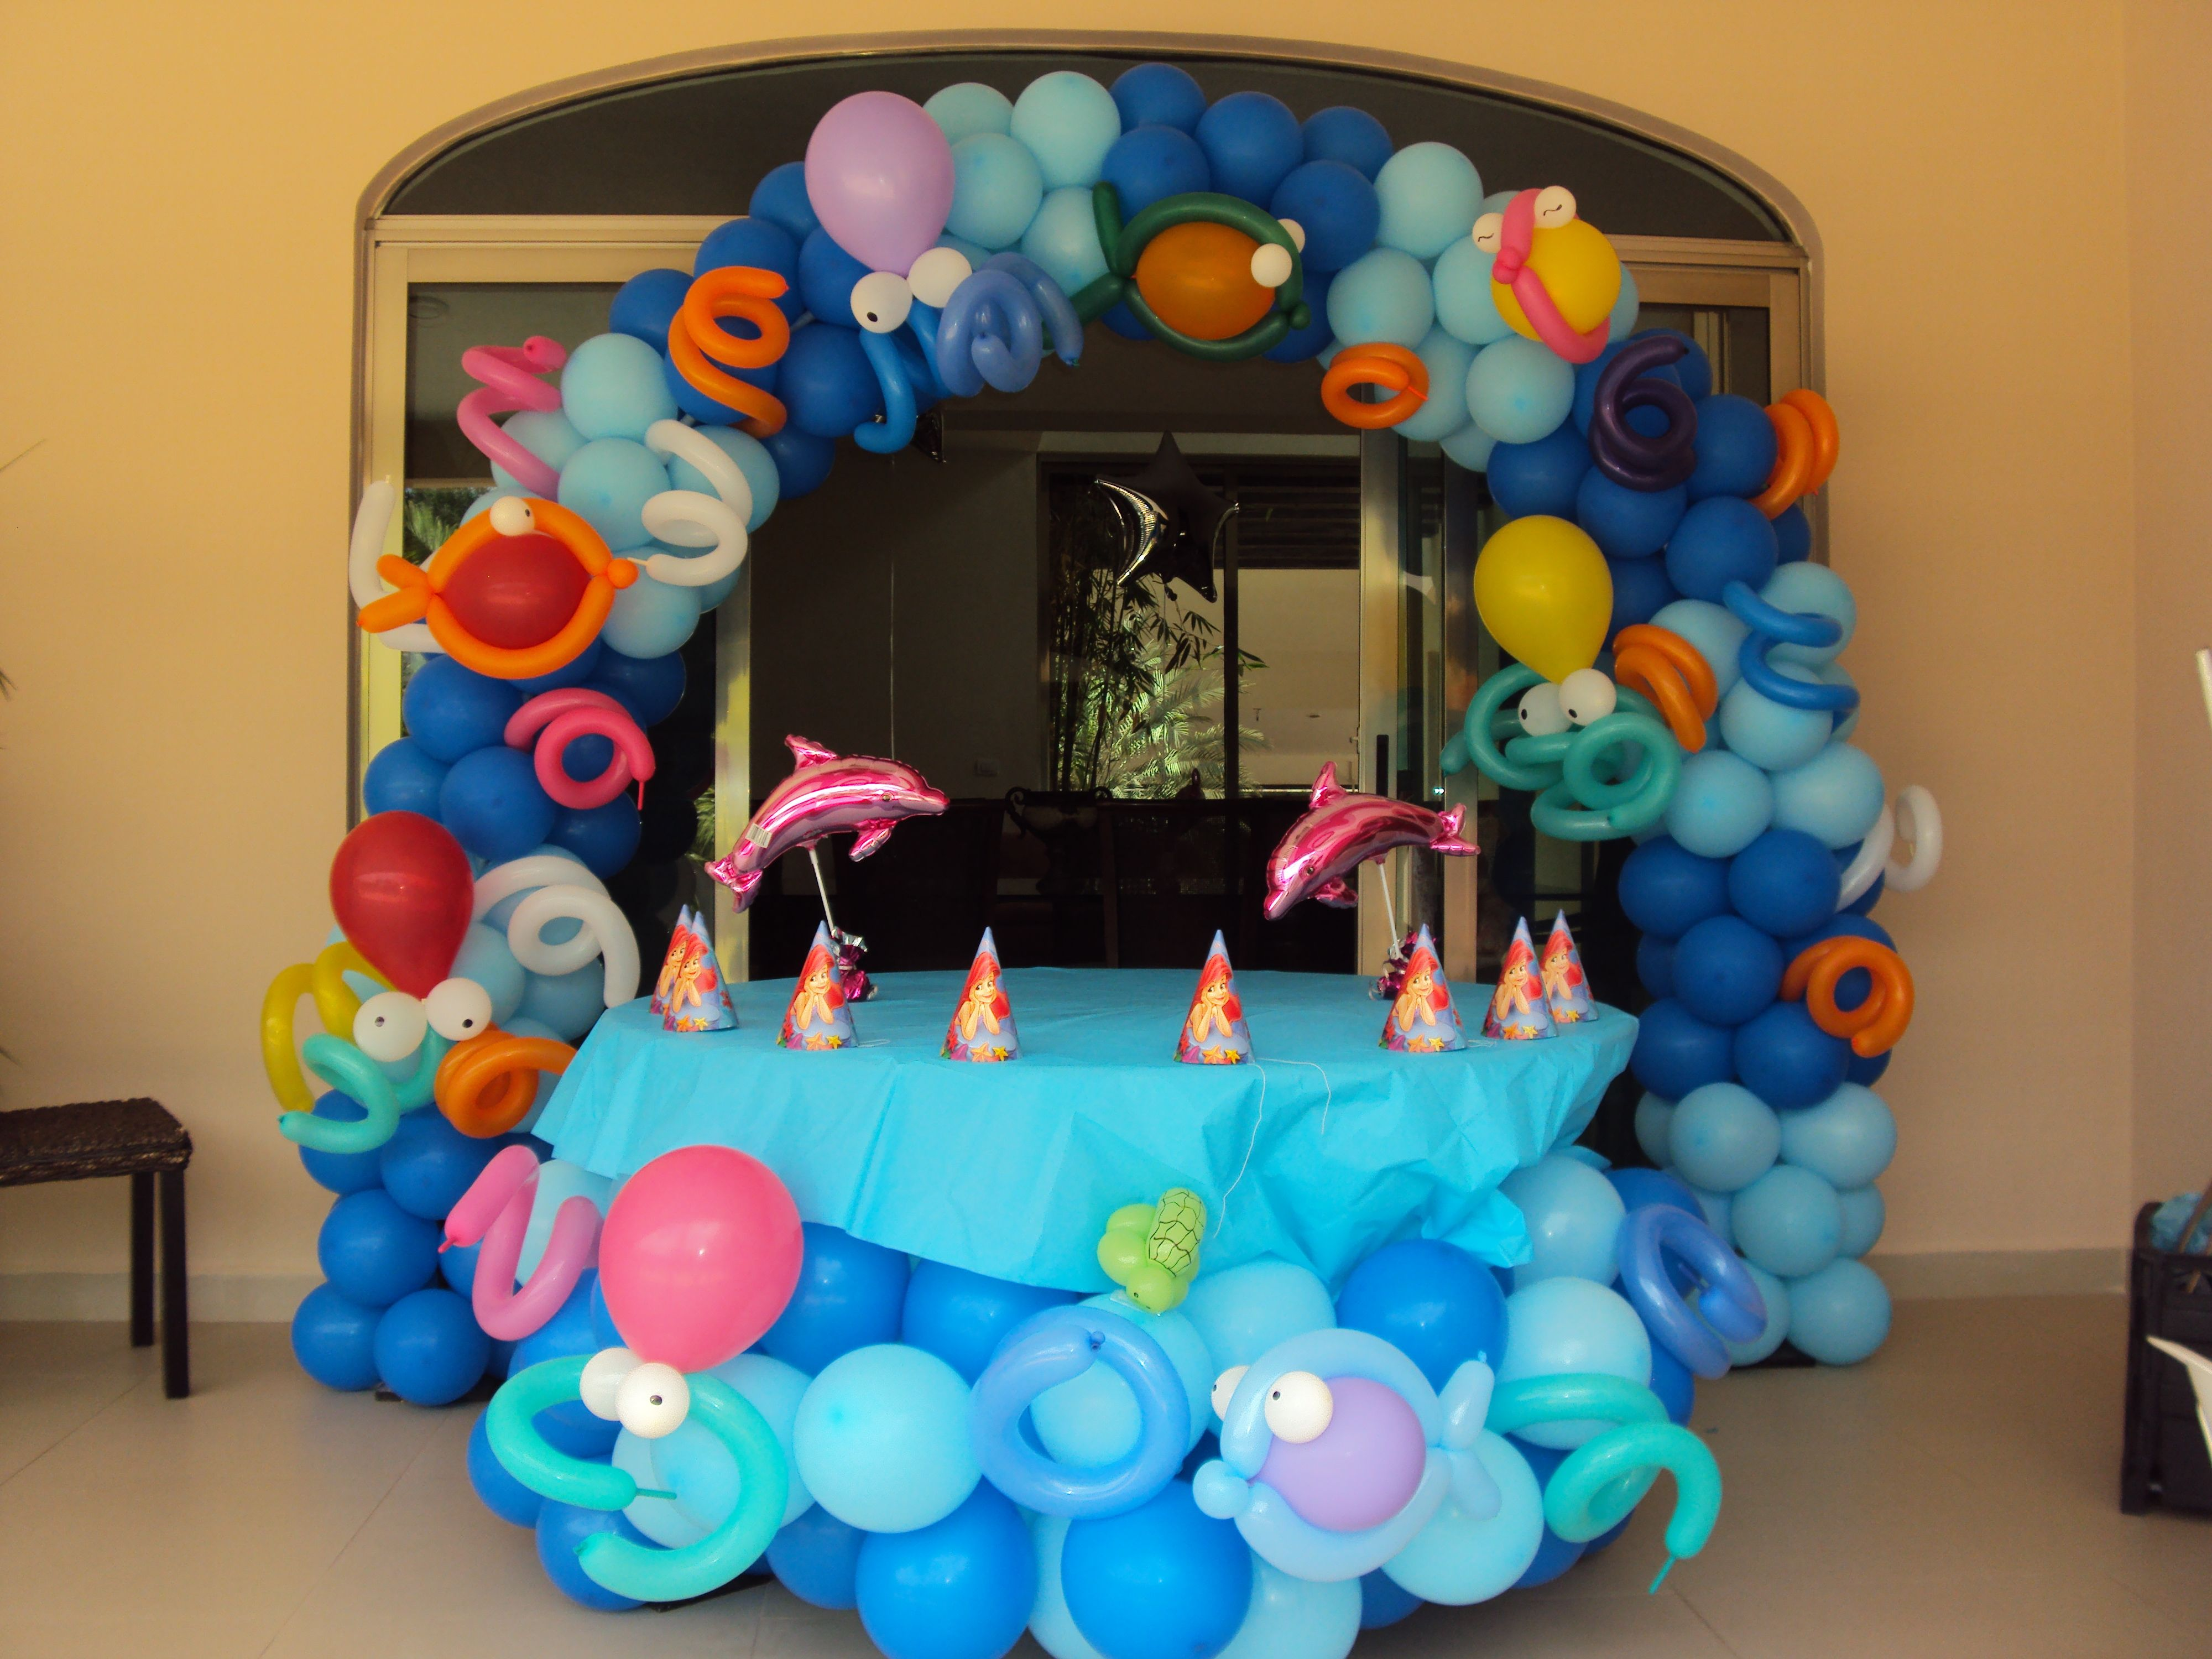 Decoraci n con globos acuatica decoracion con globos - Decorar con globos ...